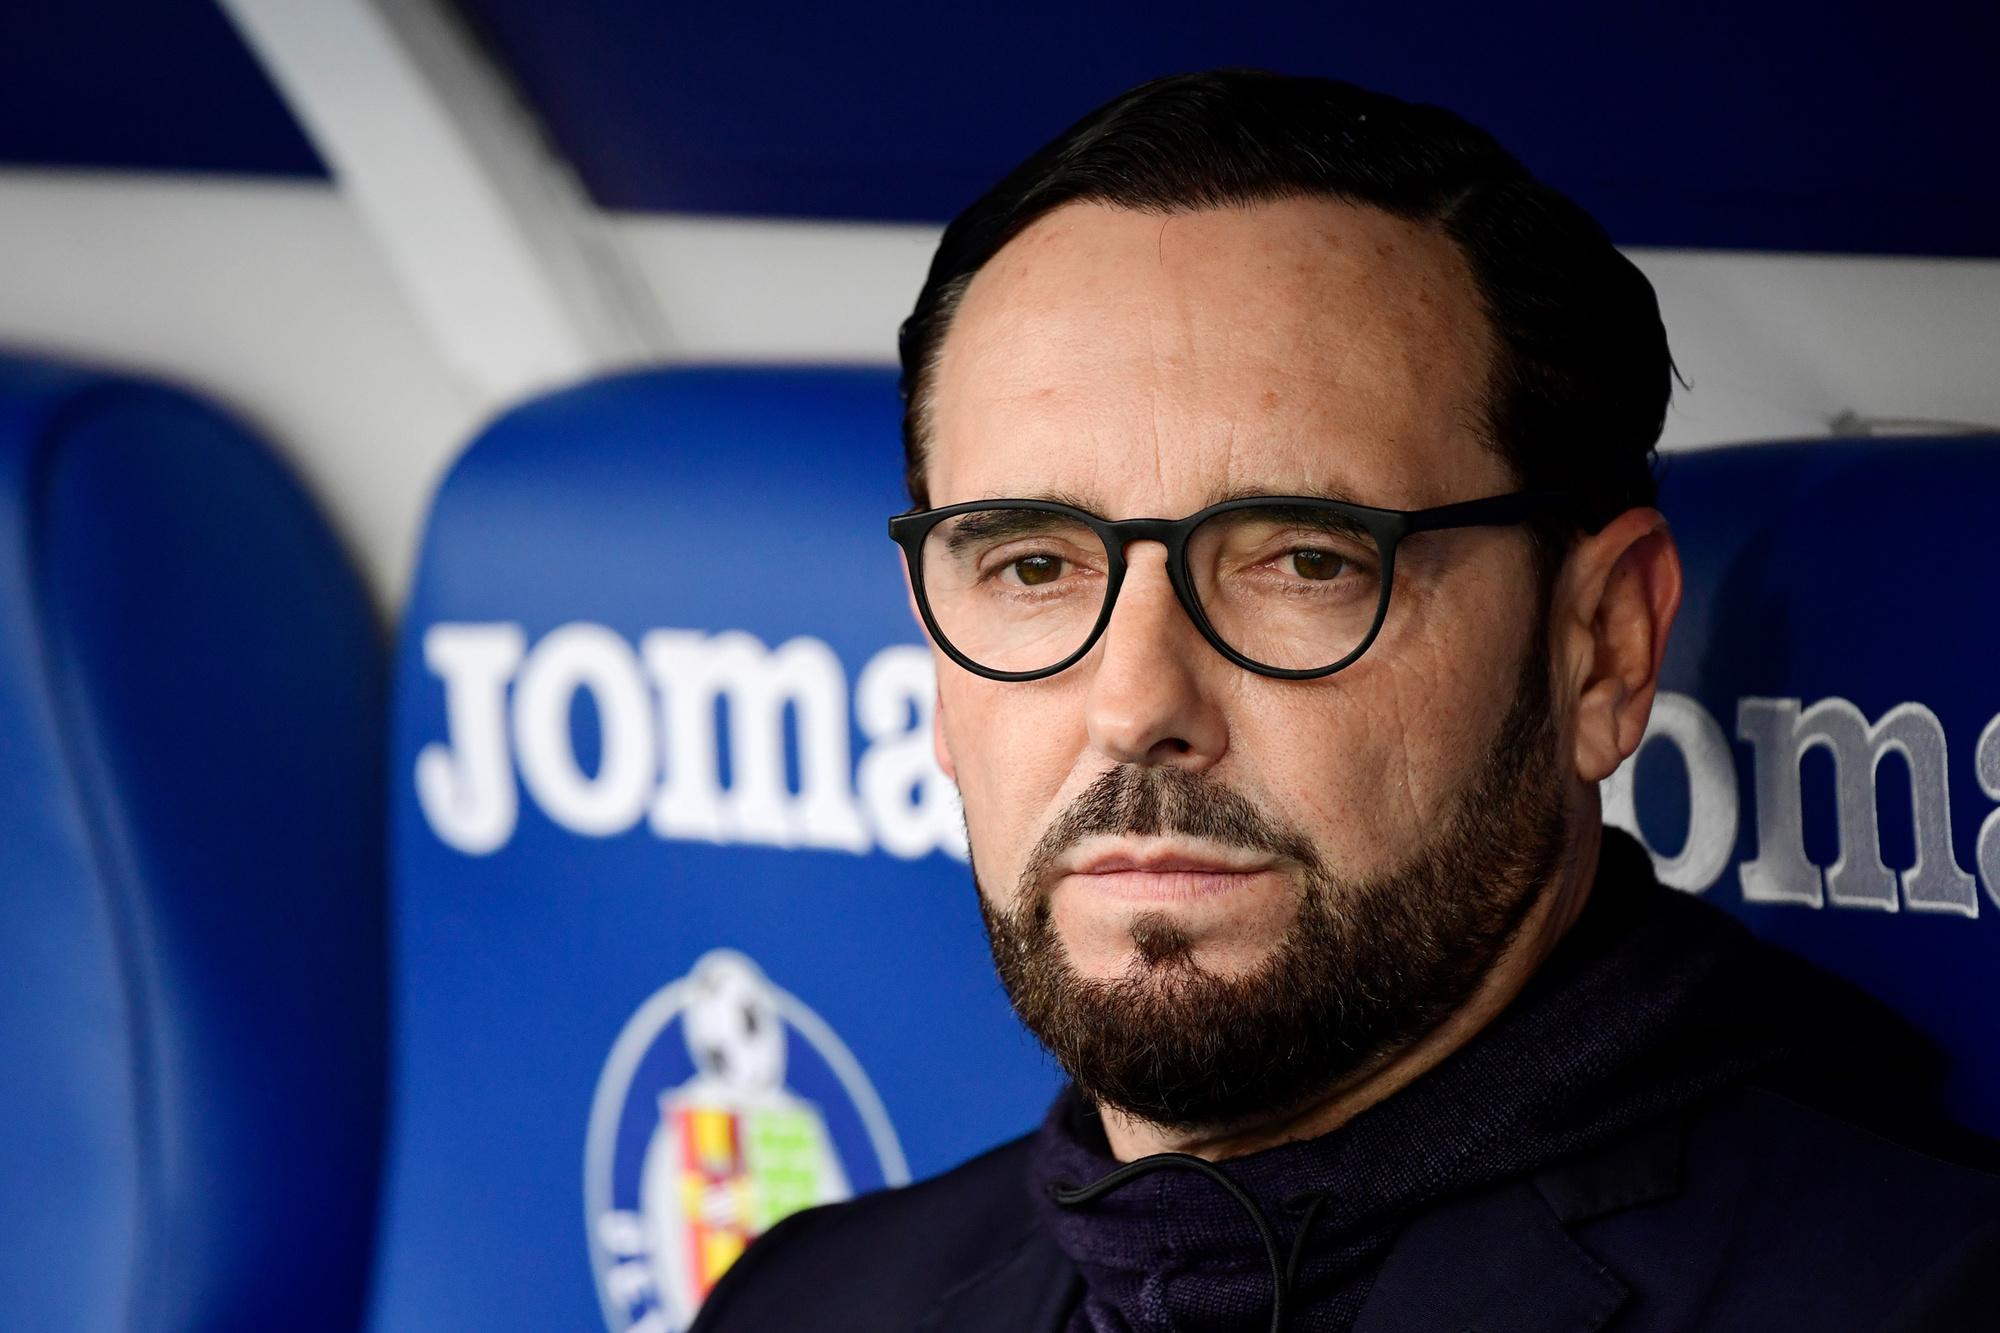 José Bordalás is de bezieler van het team., Belga Image